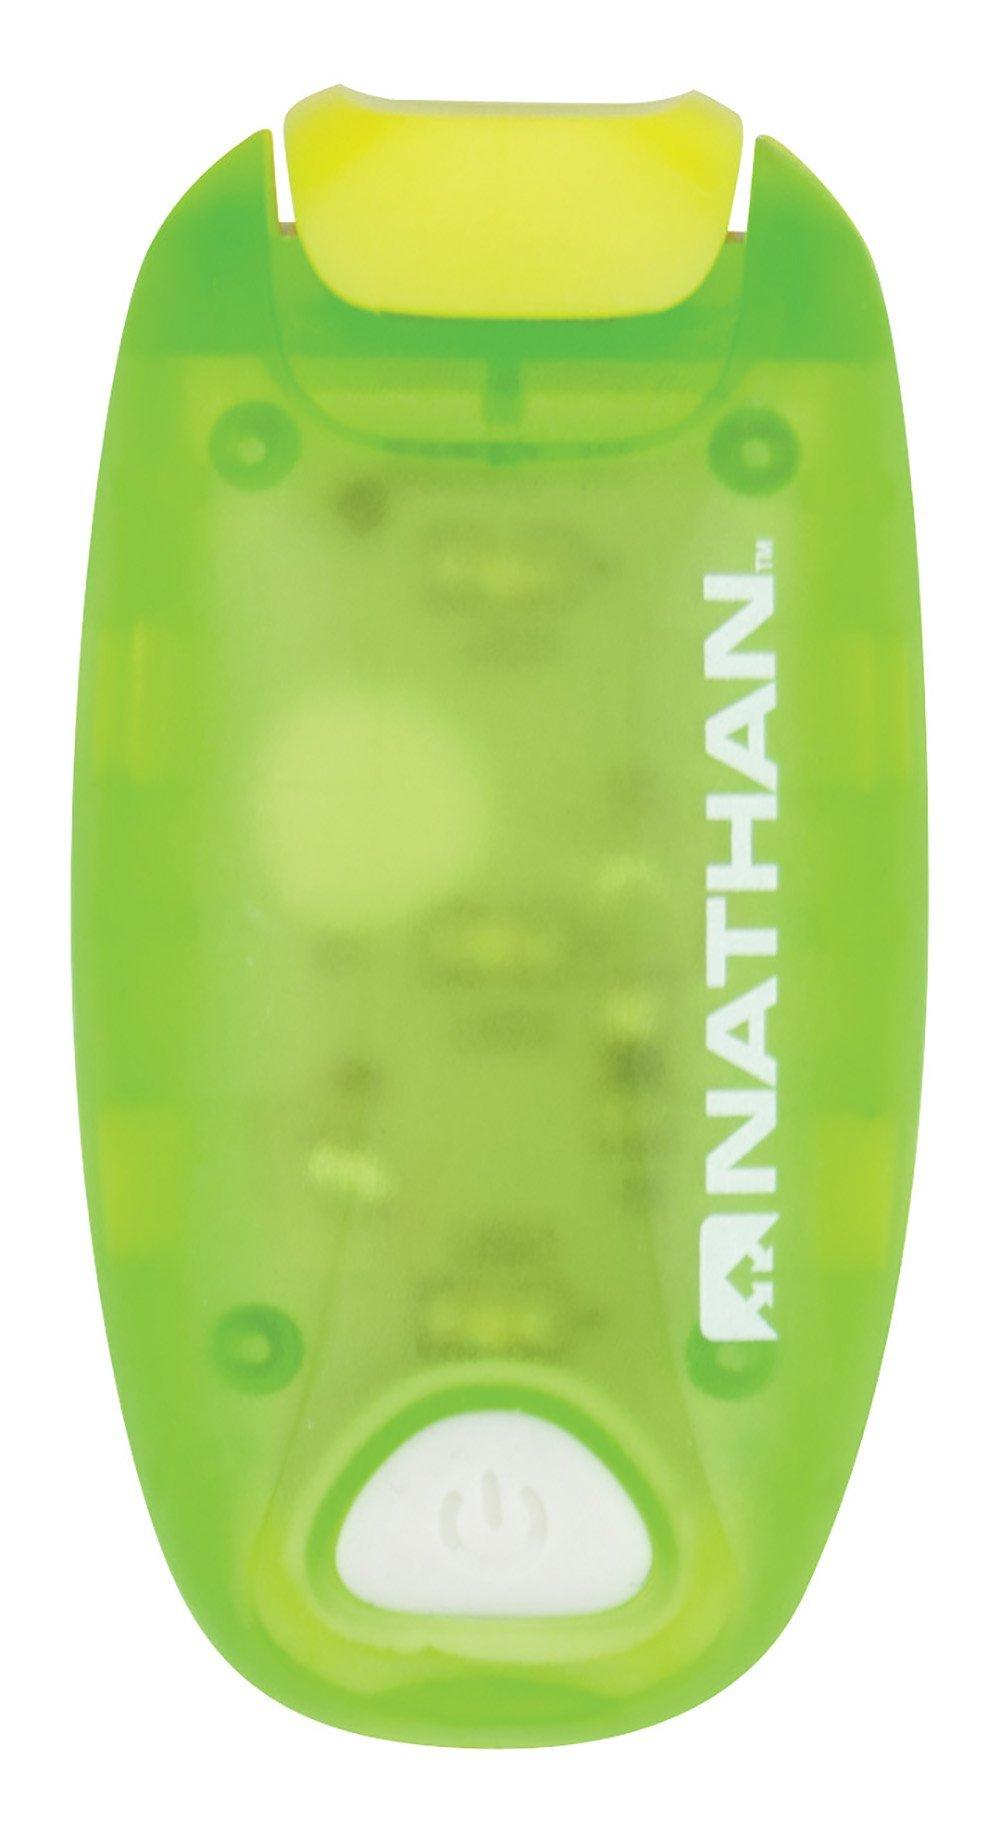 NATHAN Leuchtmittel grün Einheitsgröße